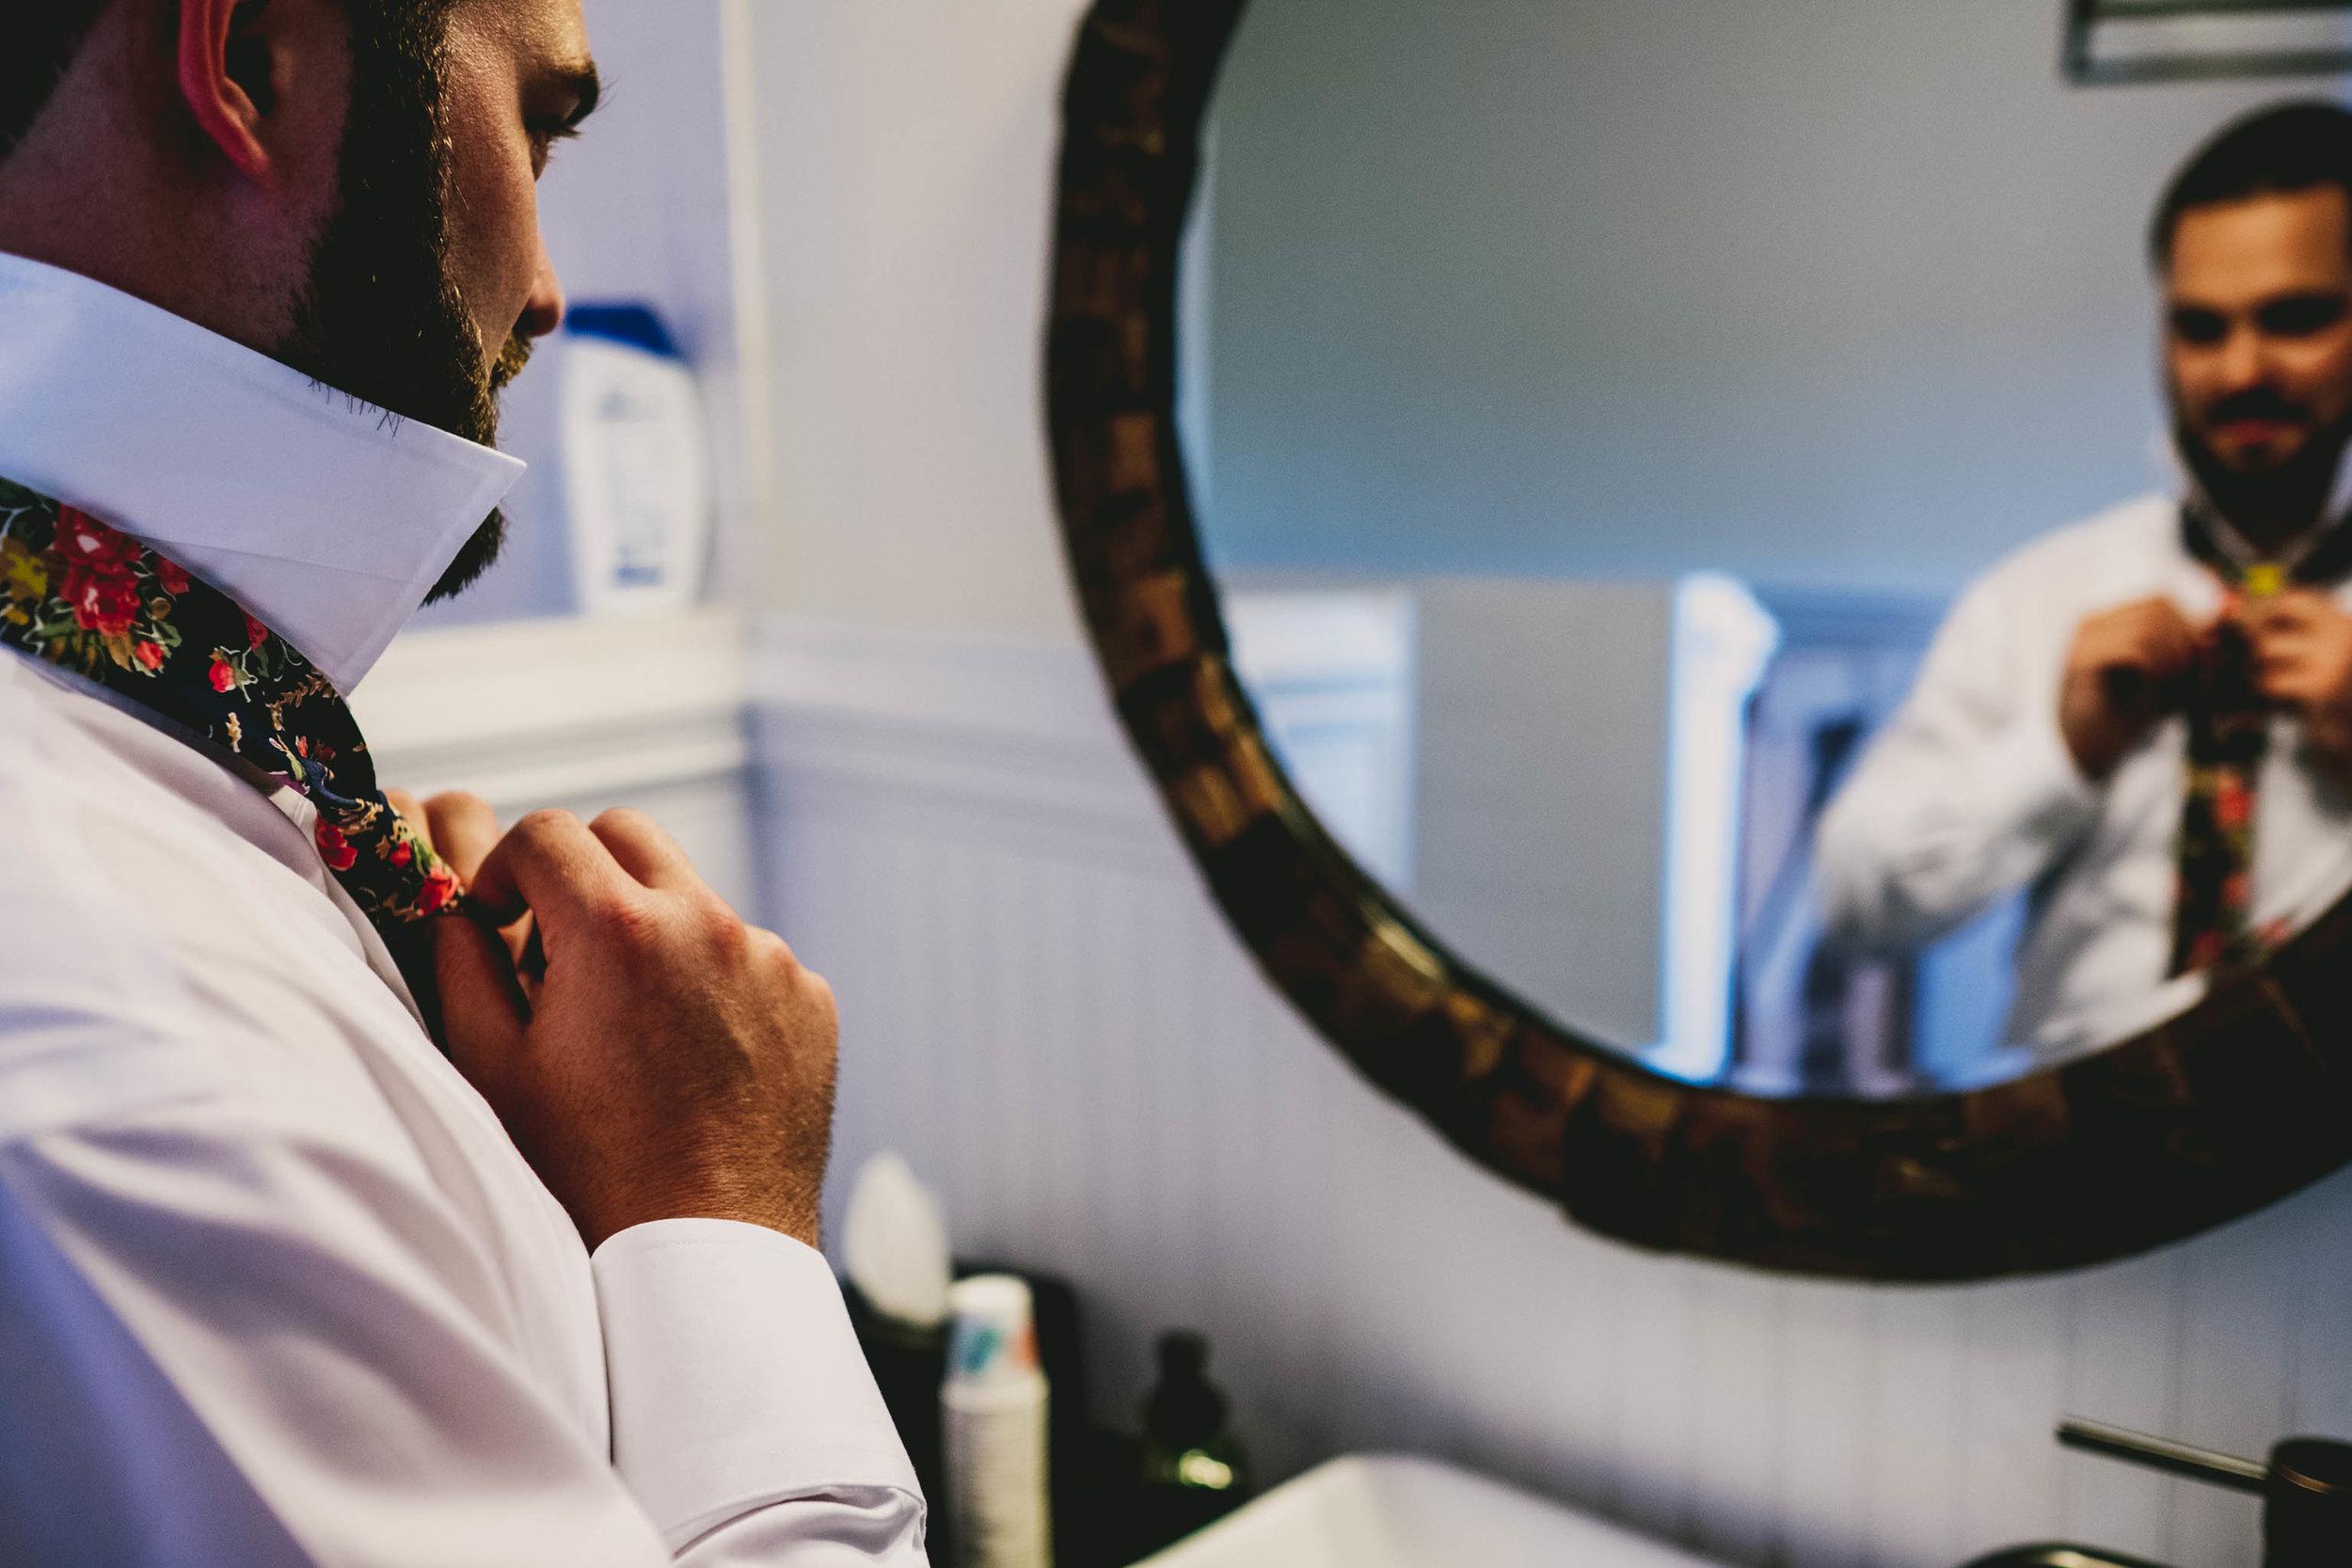 mims-house-wedding-groom-tieing-tie.jpg